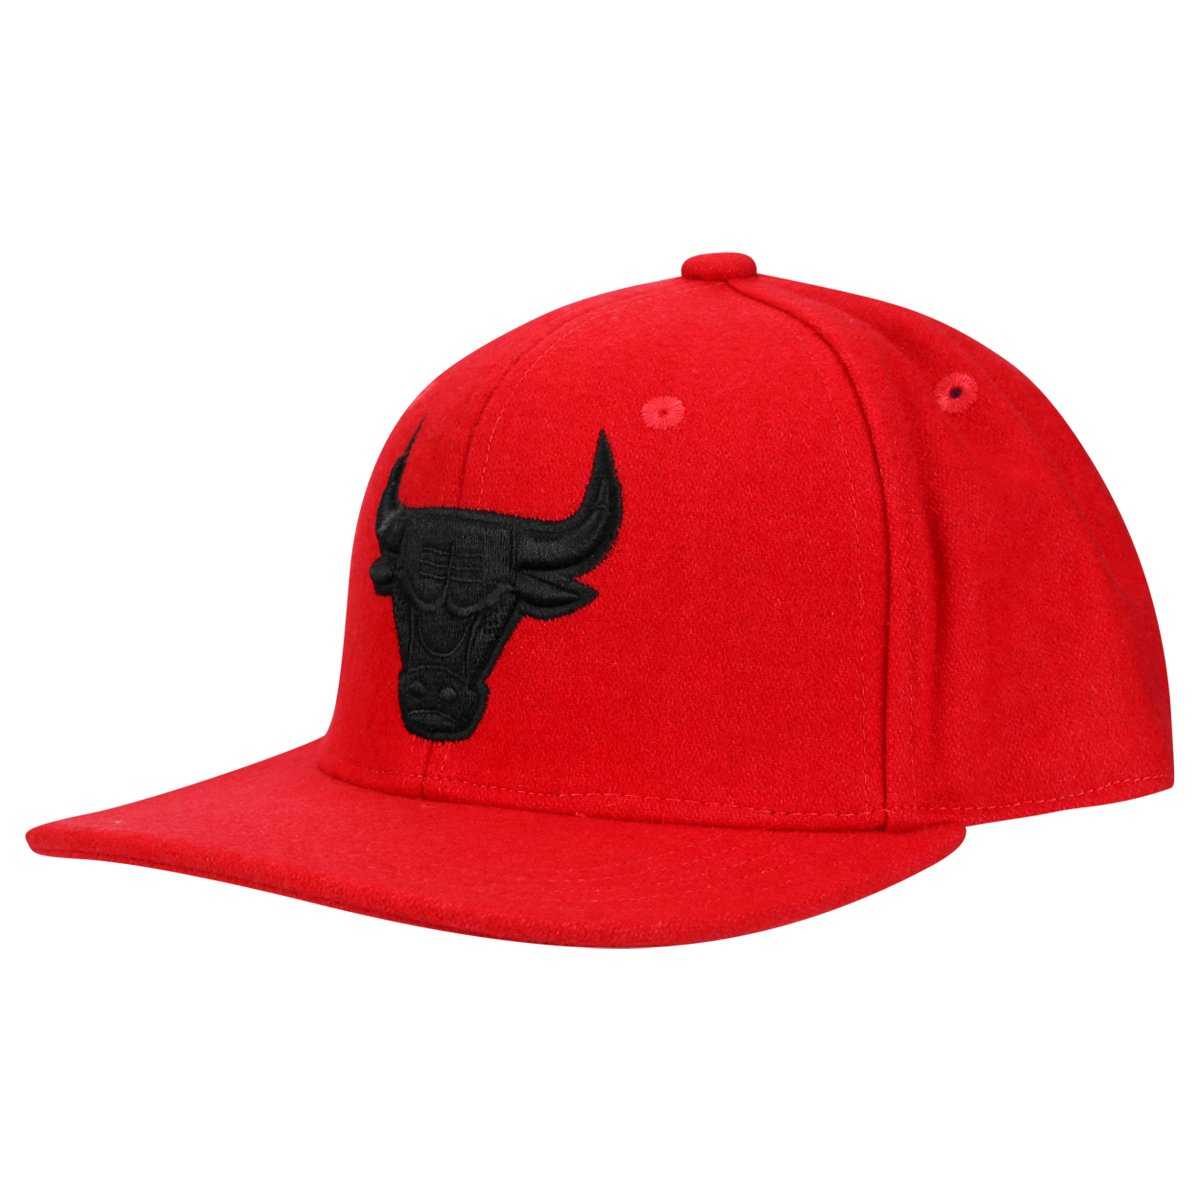 Boné Adidas Originals NBA SBC Bulls S - Compre Agora  b7e774c21700f